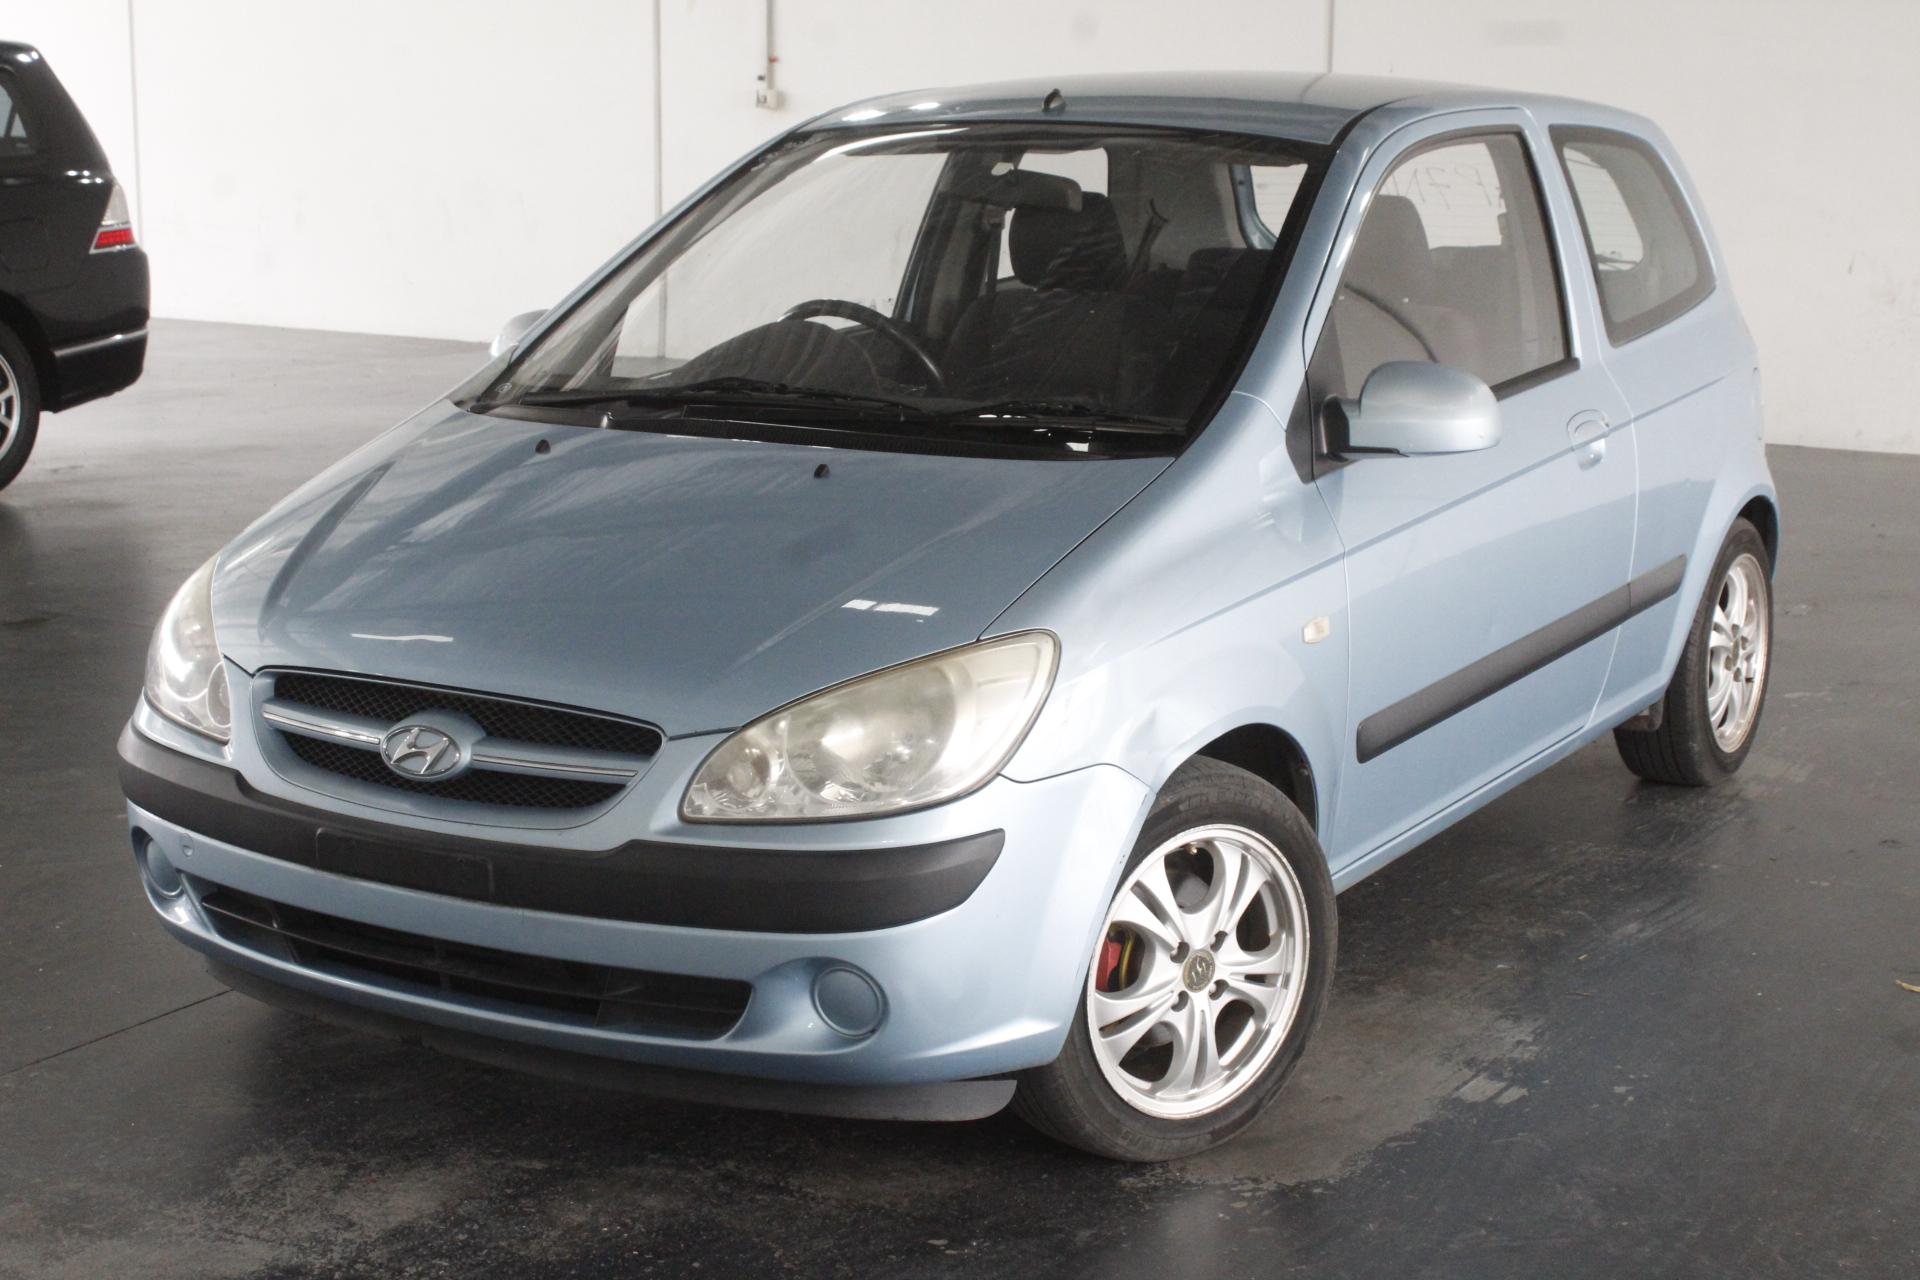 2006 Hyundai Getz 1.6 TB Manual Hatchback